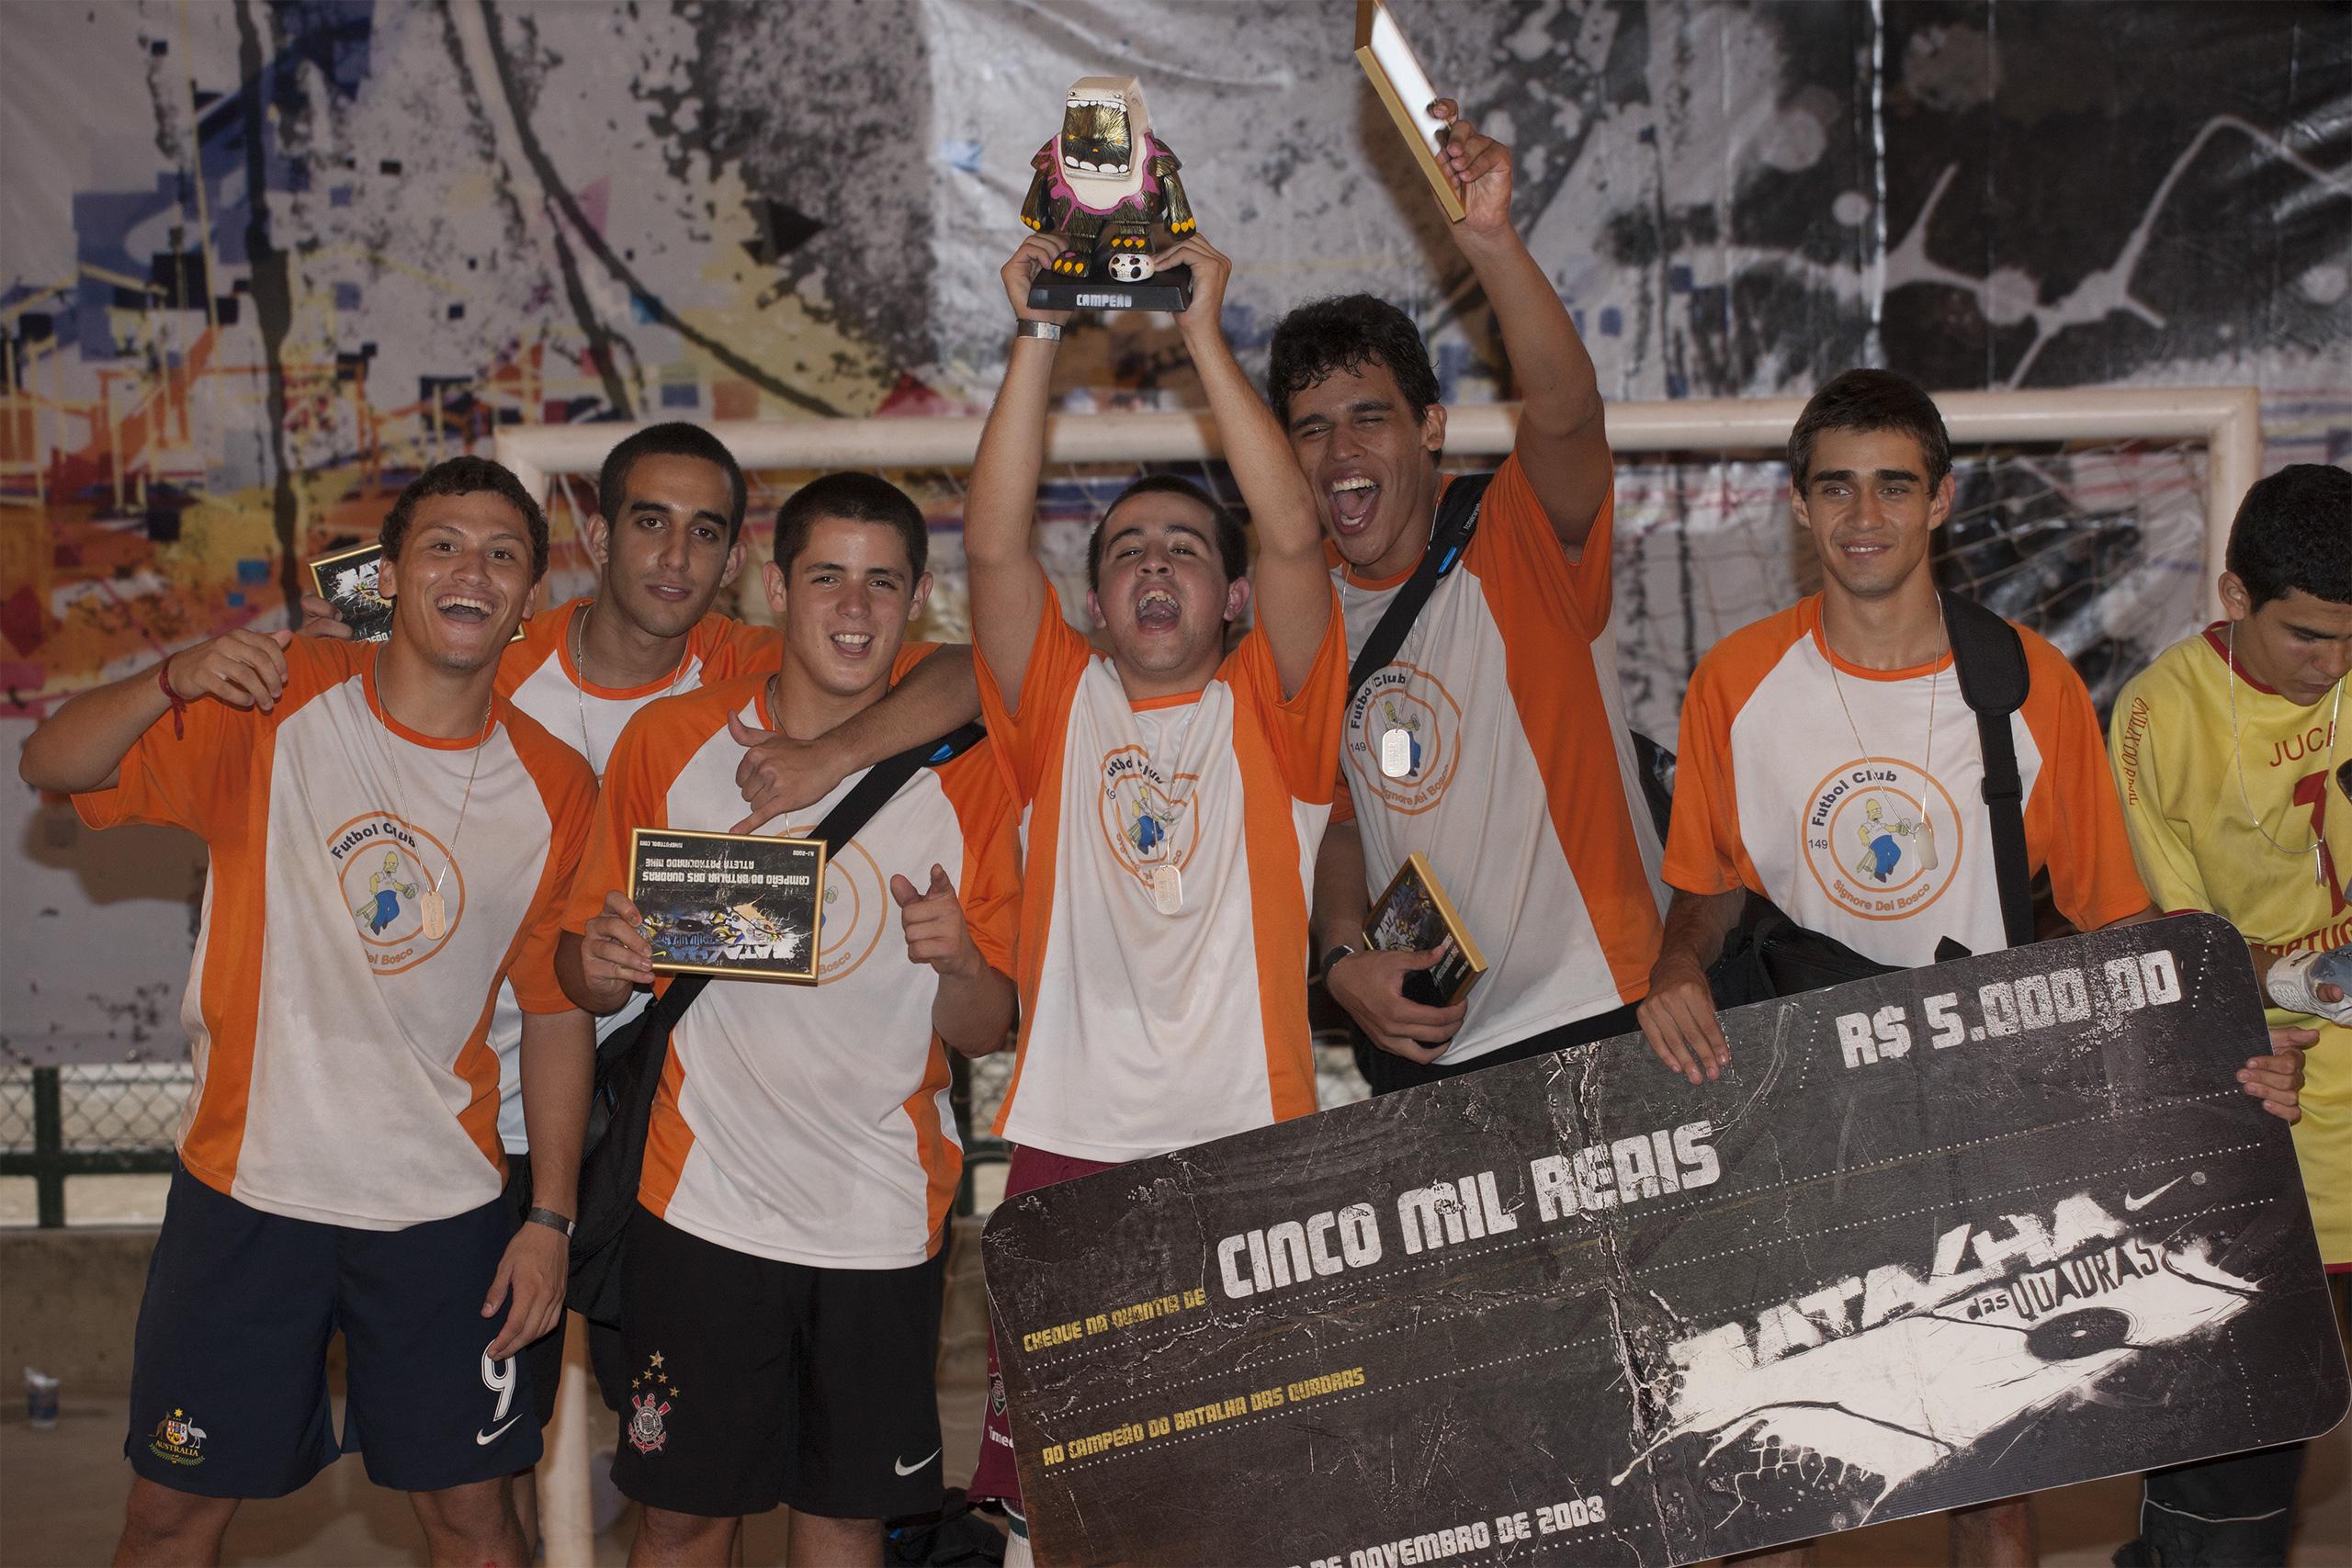 batalhaRJfinal+29-11-08+185-1